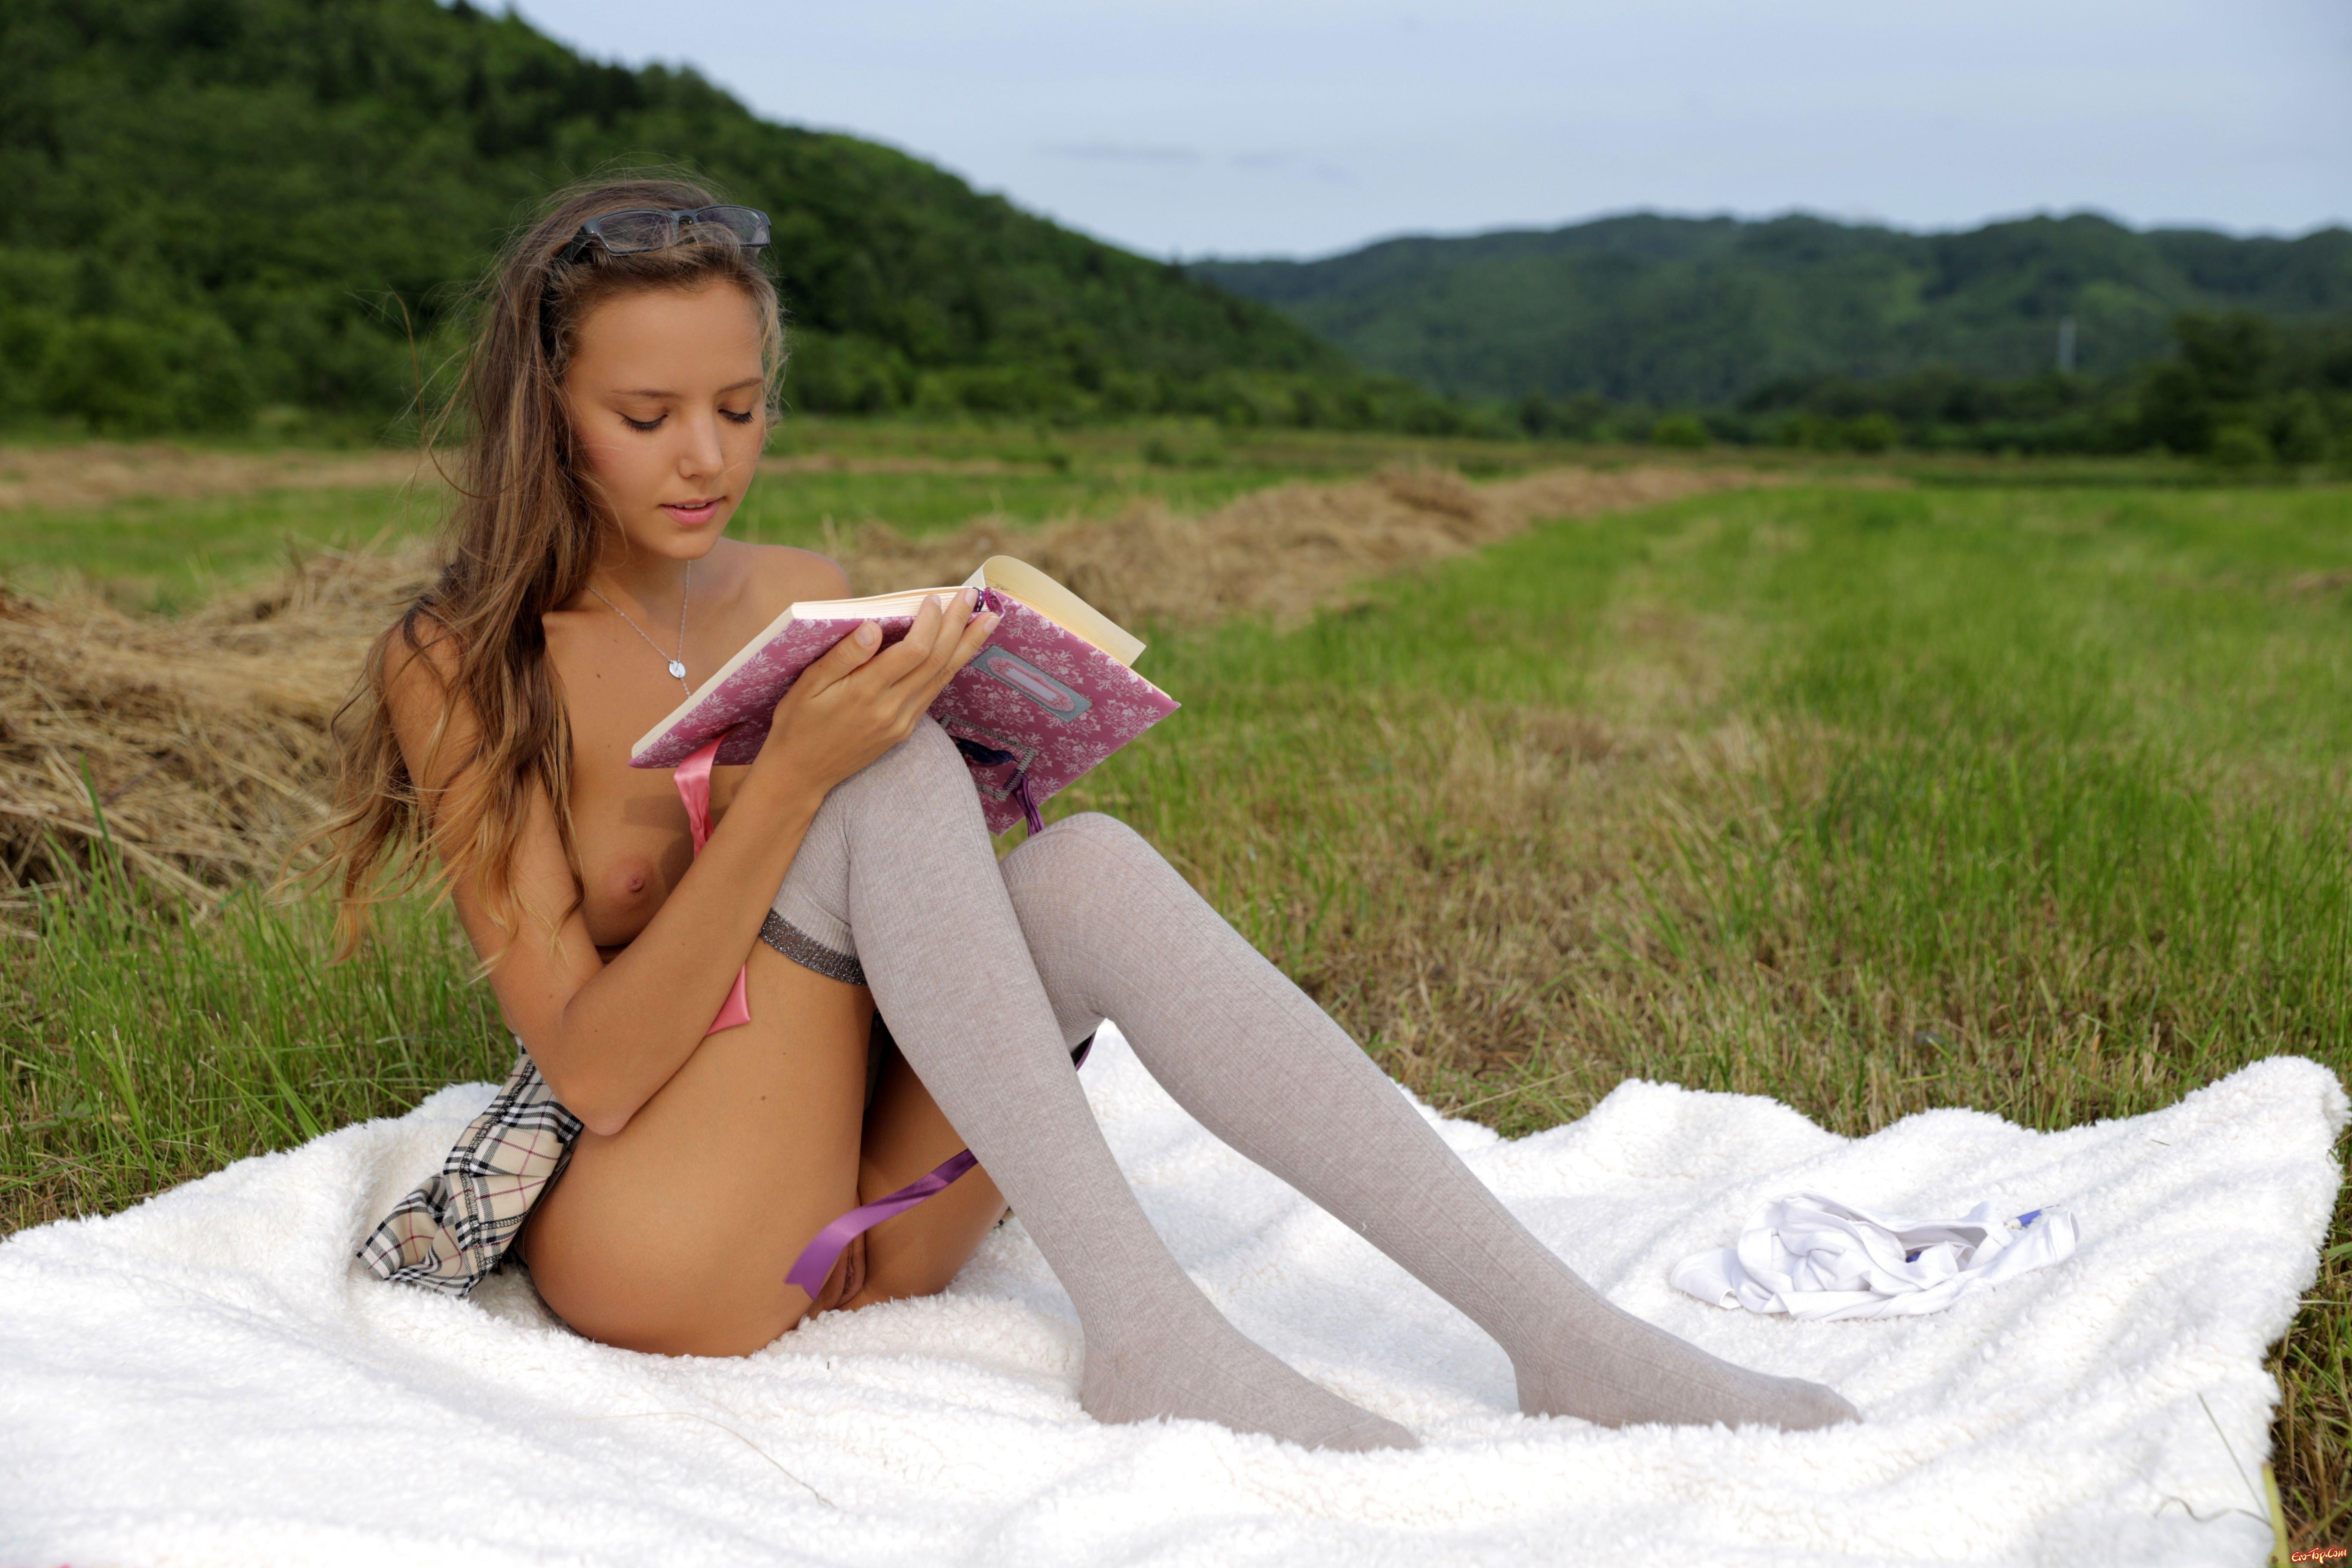 Секс молоденьких 18, Порно с молодыми. Молоденькие девушки и парни 4 фотография